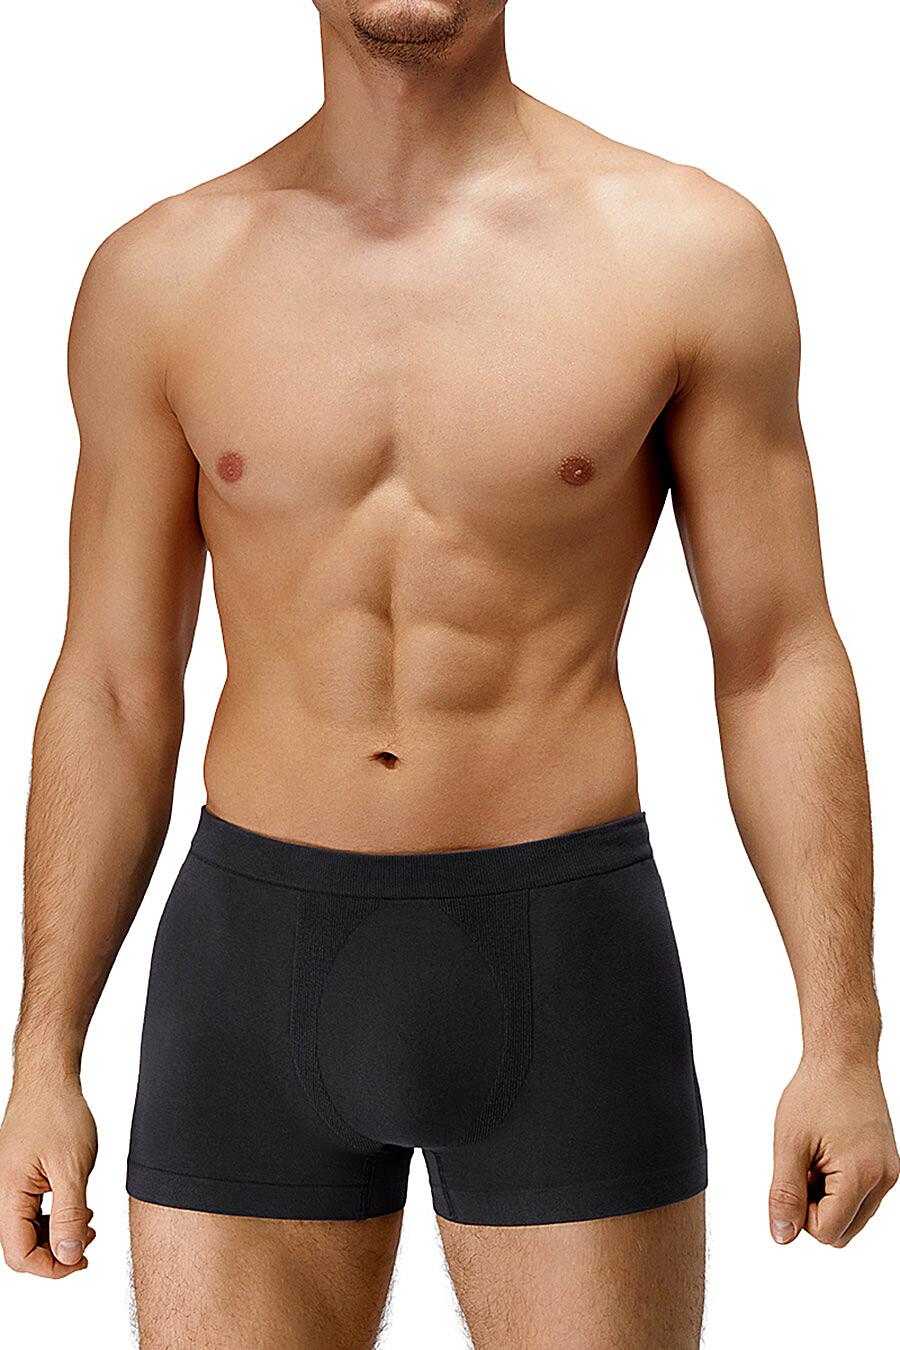 Трусы для мужчин TEKSA 218687 купить оптом от производителя. Совместная покупка мужской одежды в OptMoyo